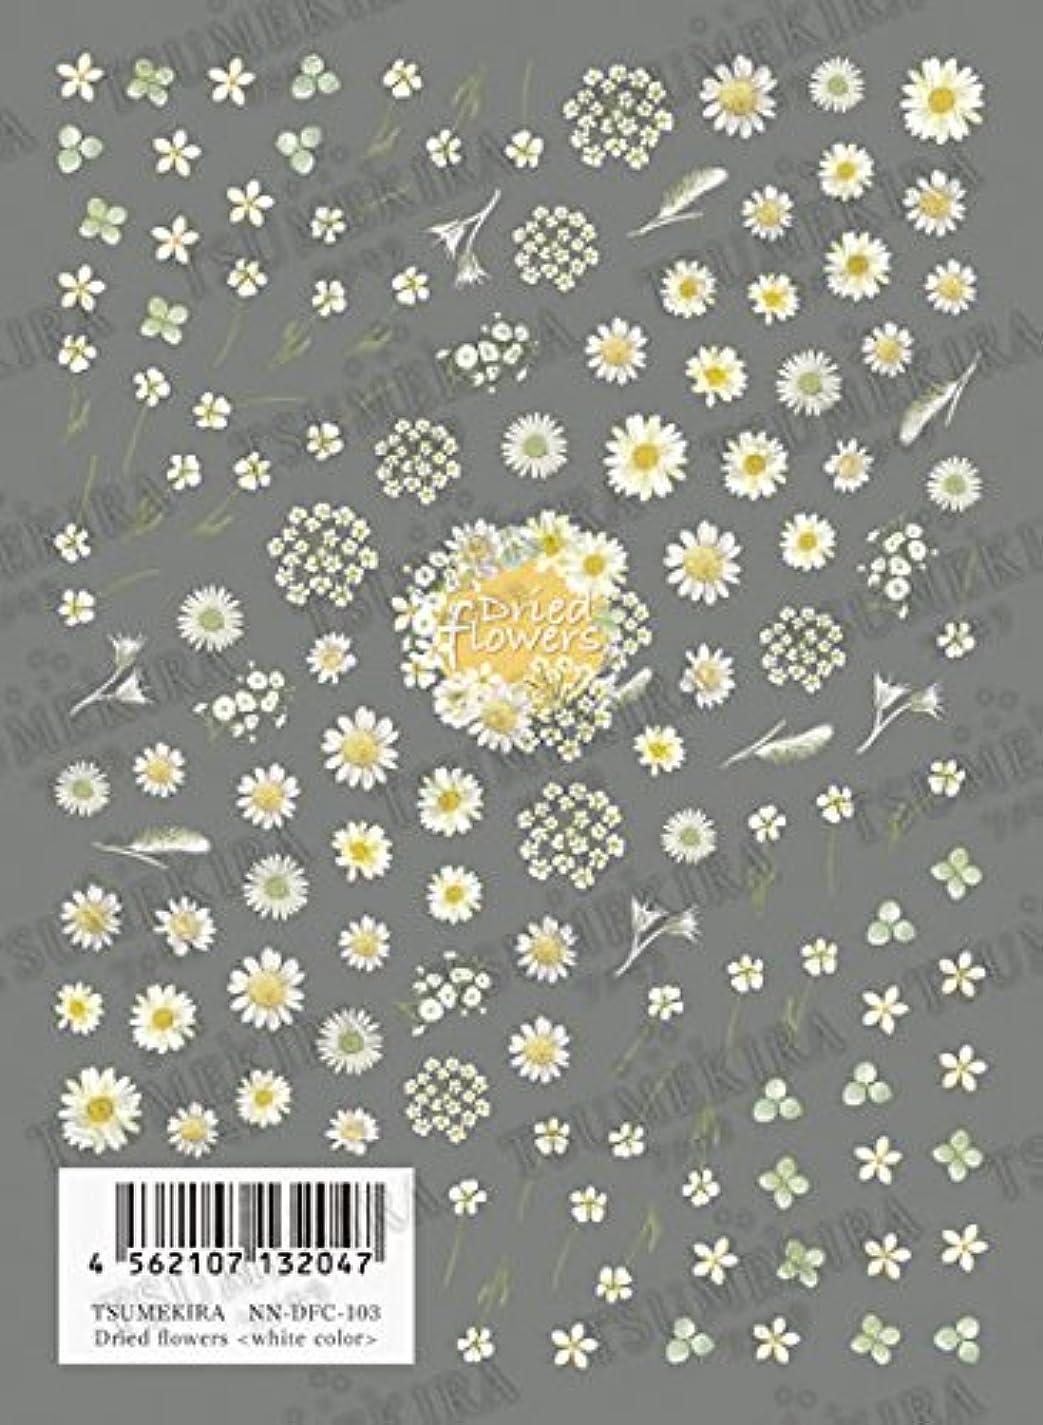 人里離れたスリル準備ができてTSUMEKIRA(ツメキラ) ネイルシール Dried flowers (white color) NN-DFC-103